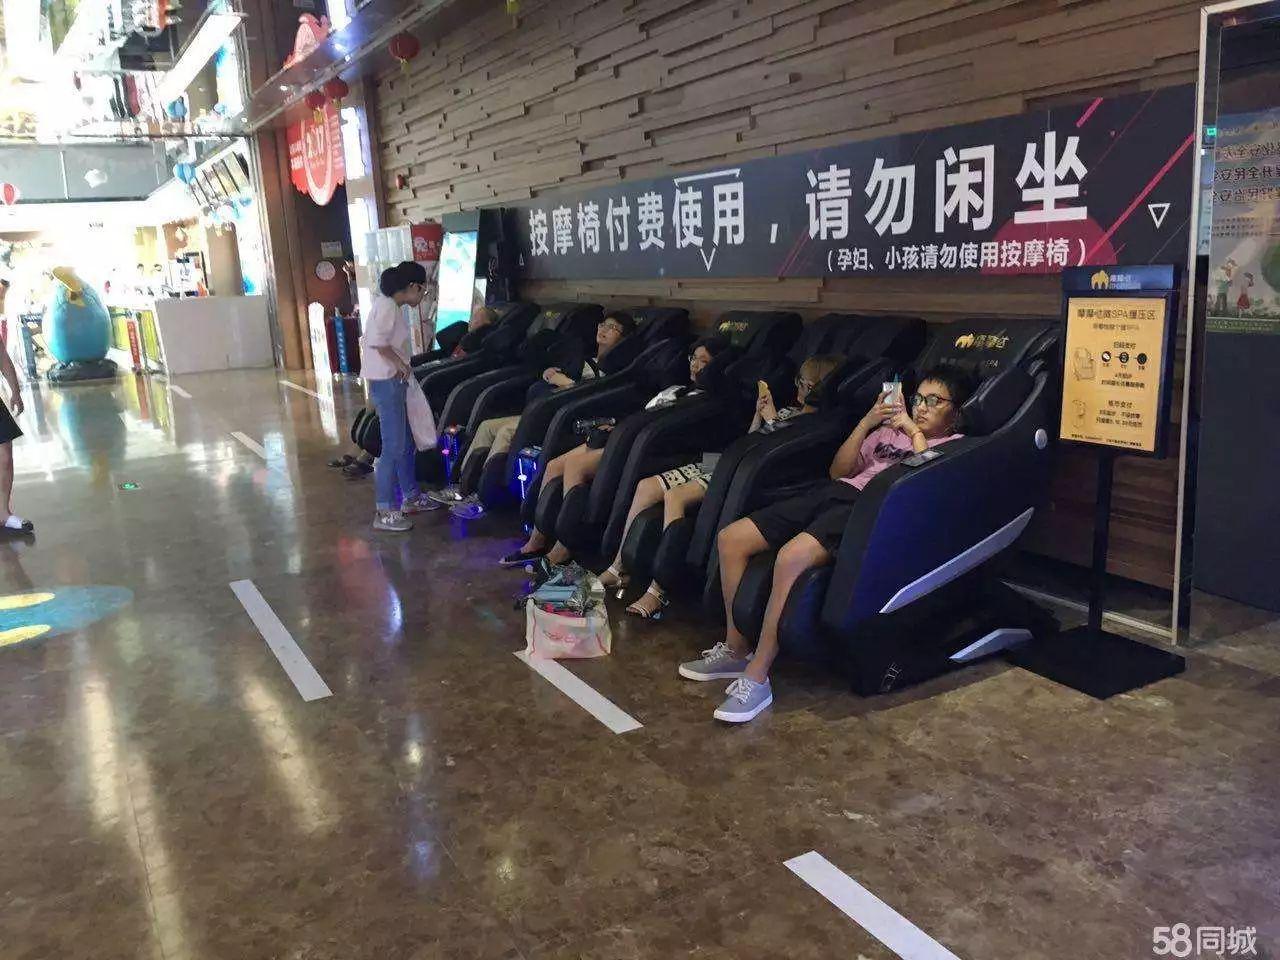 """共享按摩椅的宣言:""""躺着把钱赚了"""",会不会想多了?"""